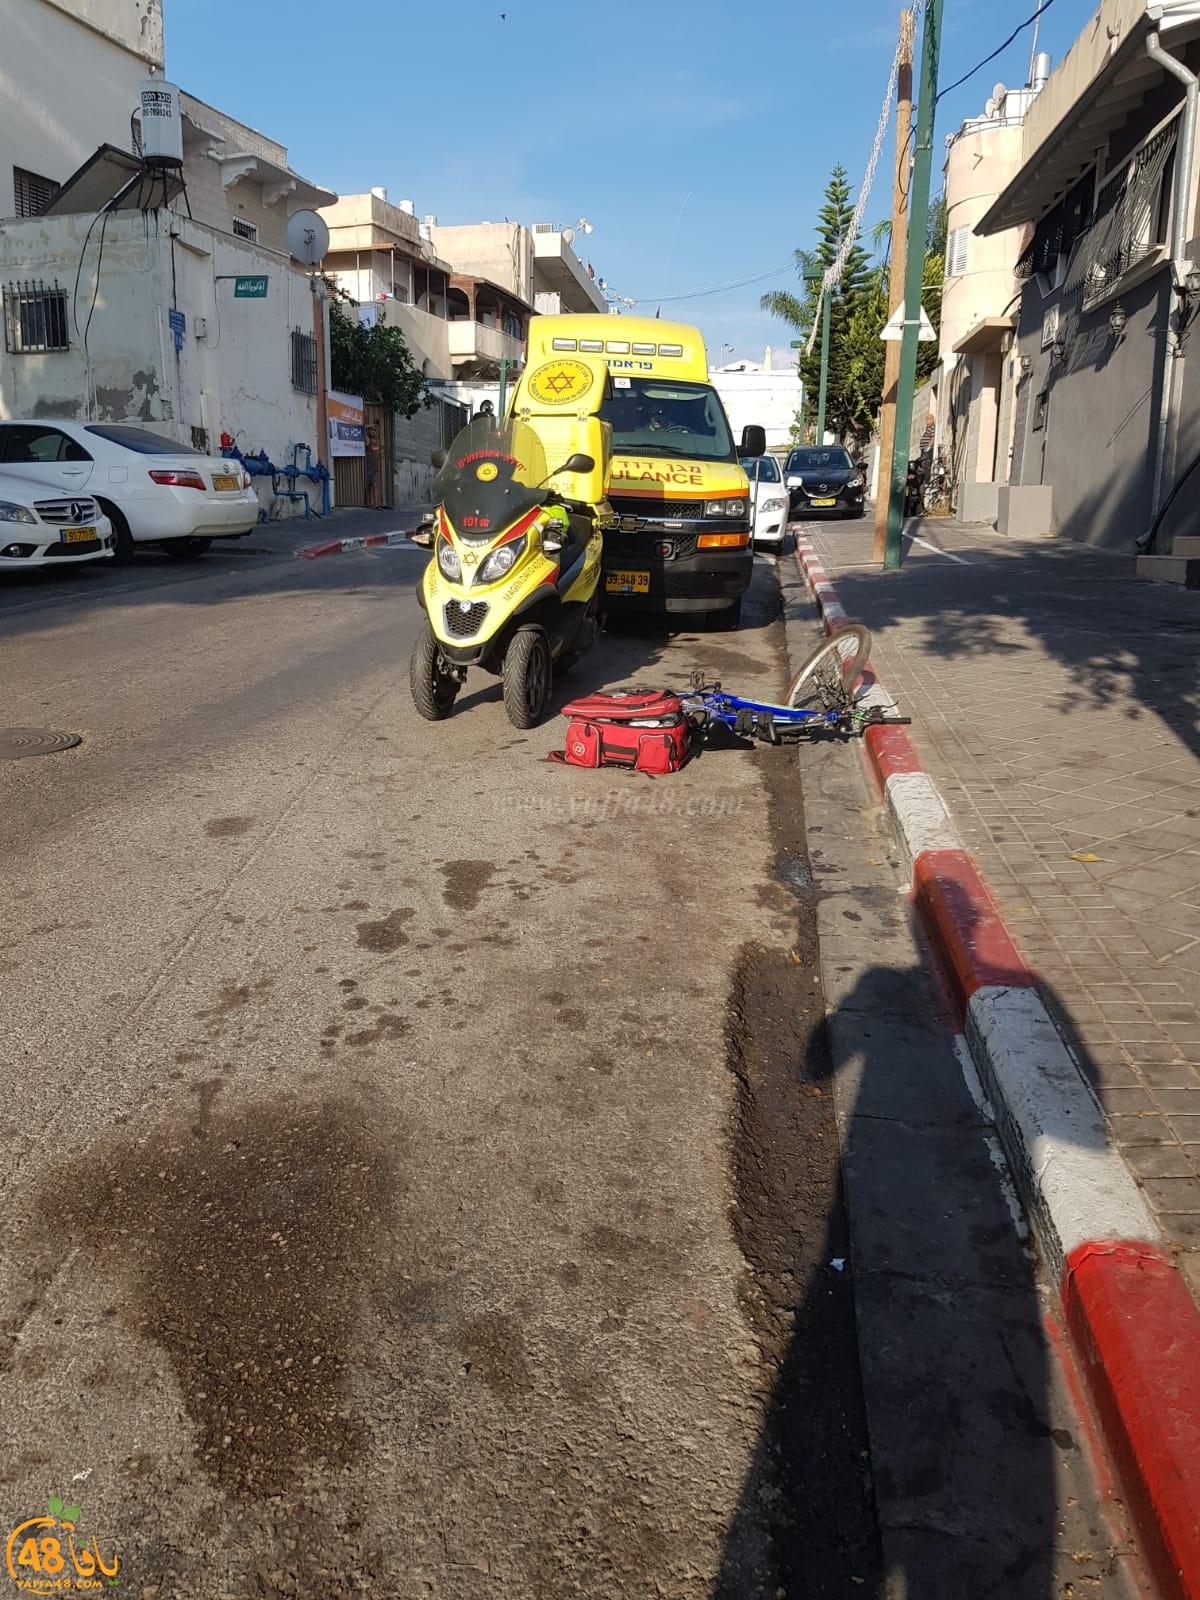 يافا: اصابة متوسطة لطفل سقط عن دراجته الهوائية